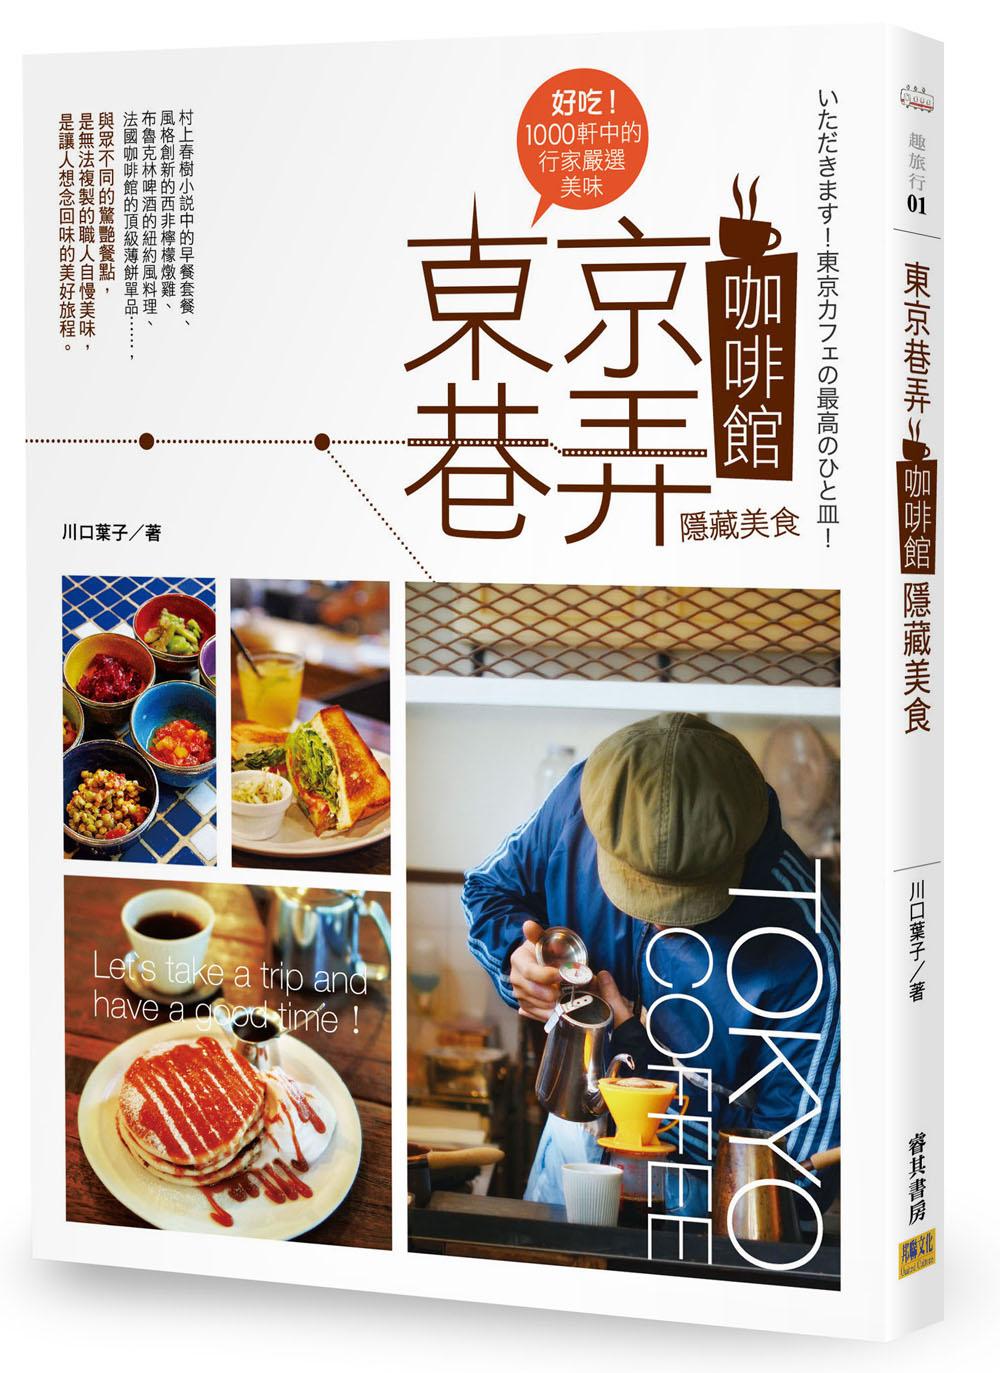 東京巷弄咖啡館隱藏美食:好吃!...